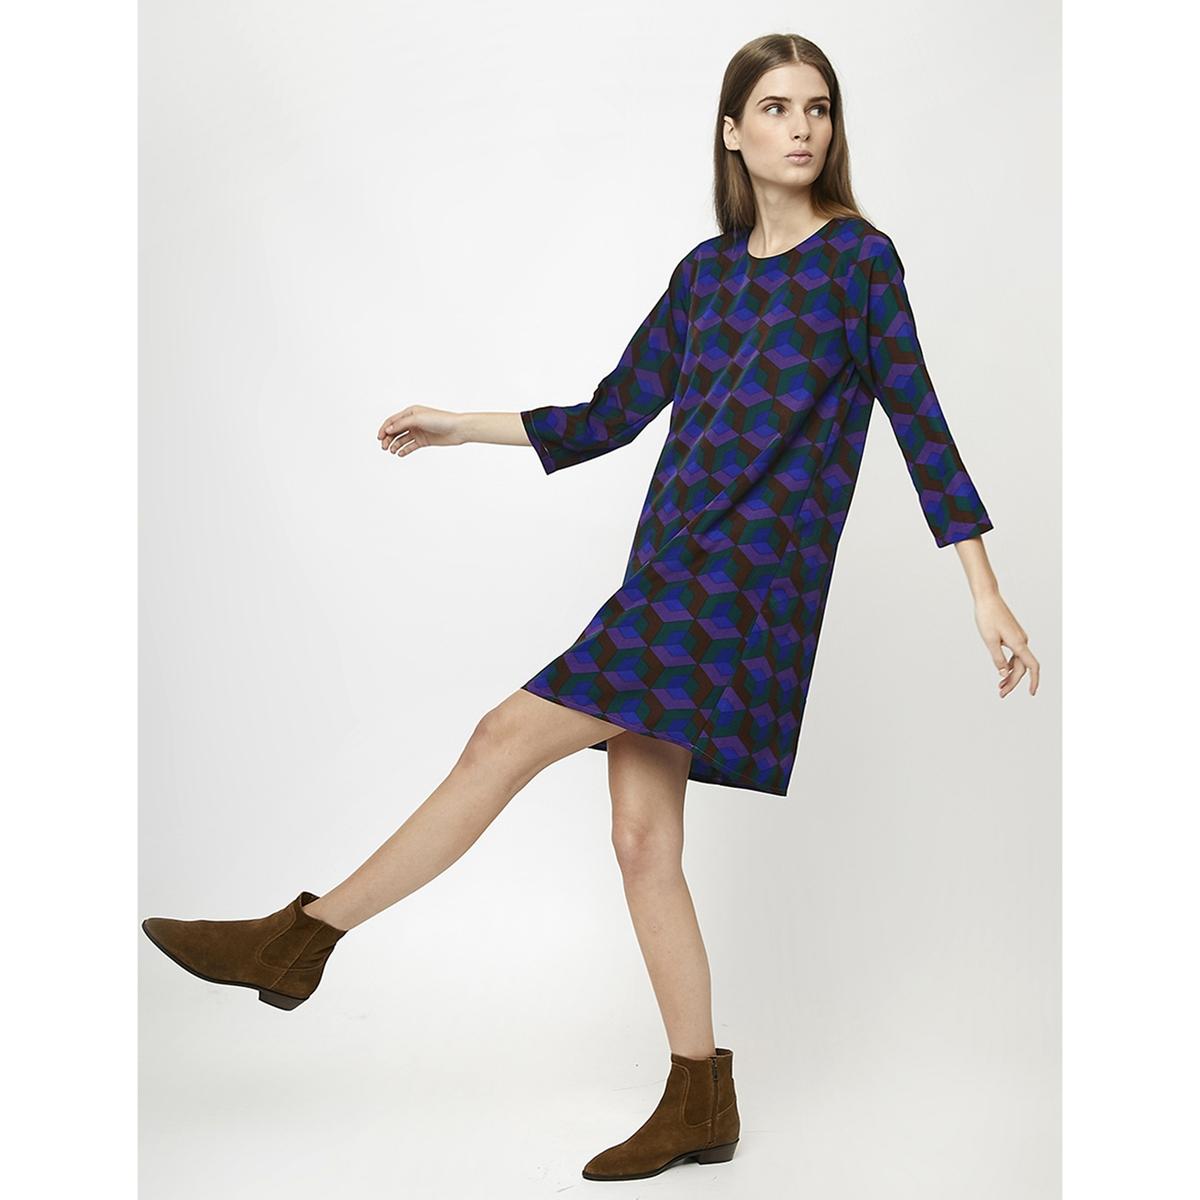 Платье La Redoute Короткое прямое с геометрическим принтом M синий платье la redoute прямое струящееся cienna 2 m синий